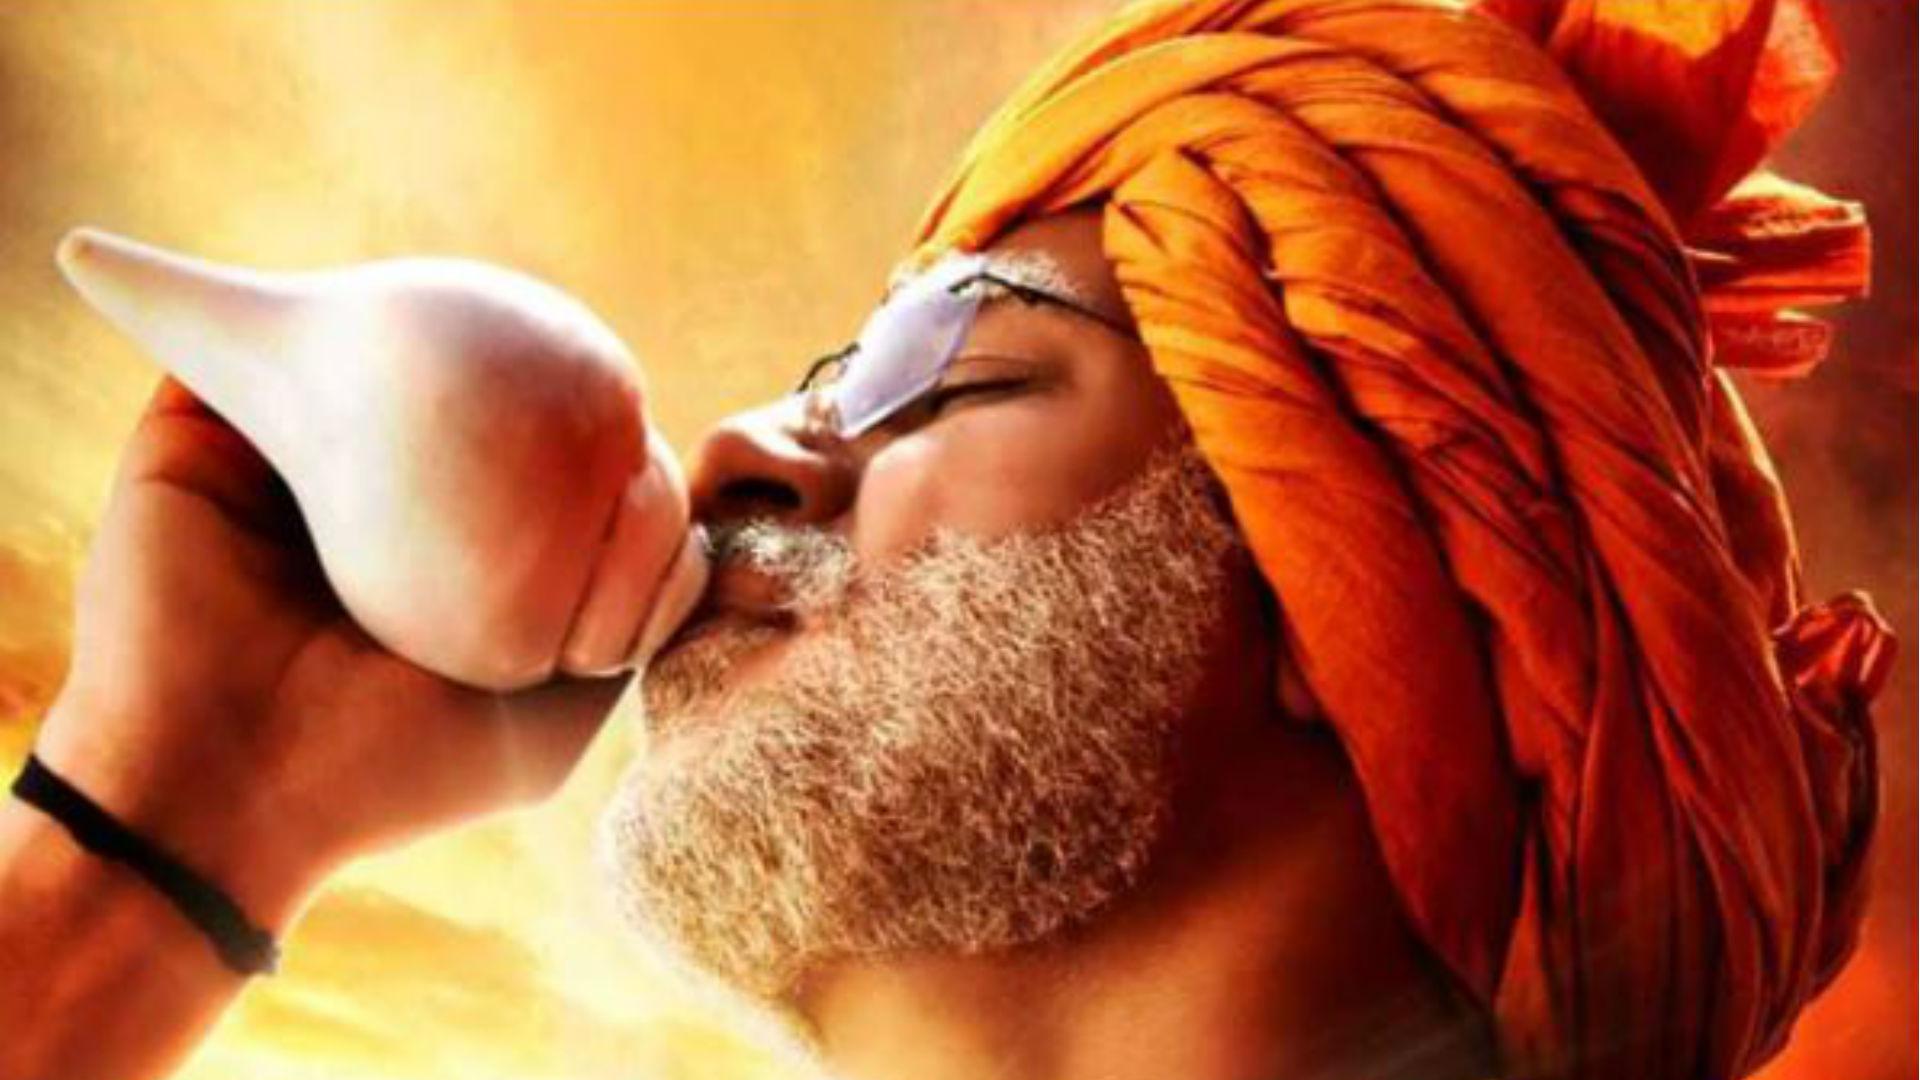 PM Narendra Modi Trailer: फिल्म पीएम नरेंद्र मोदी का दूसरा ट्रेलर रिलीज, दमदार तेवर में दिखे विवेक ओबेरॉय